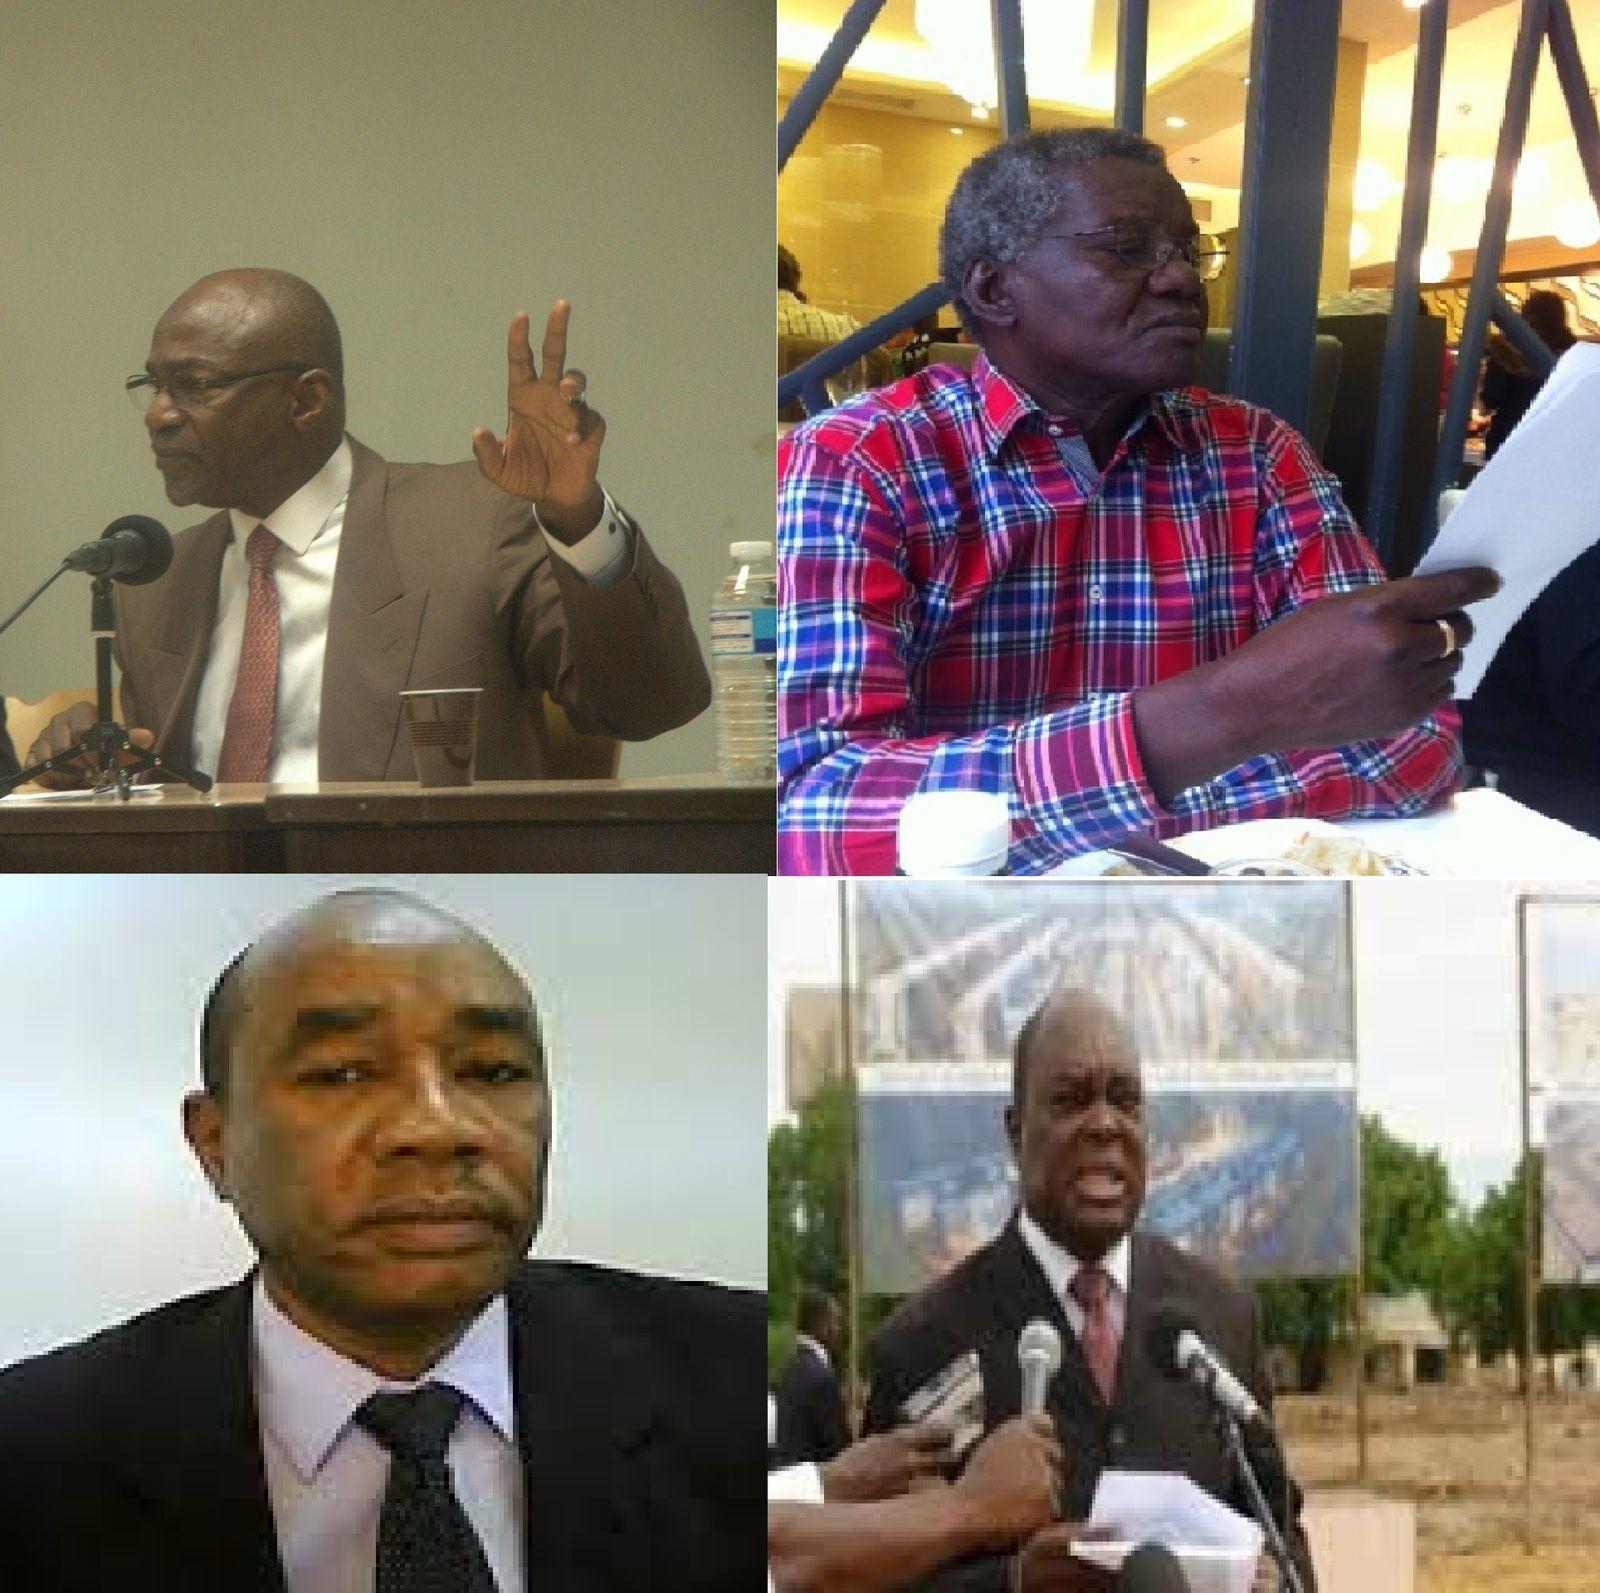 TCHAD: GOUVERNEMENT DE SALUT NATIONAL OU MORT POLITIQUE DE CERTAINS